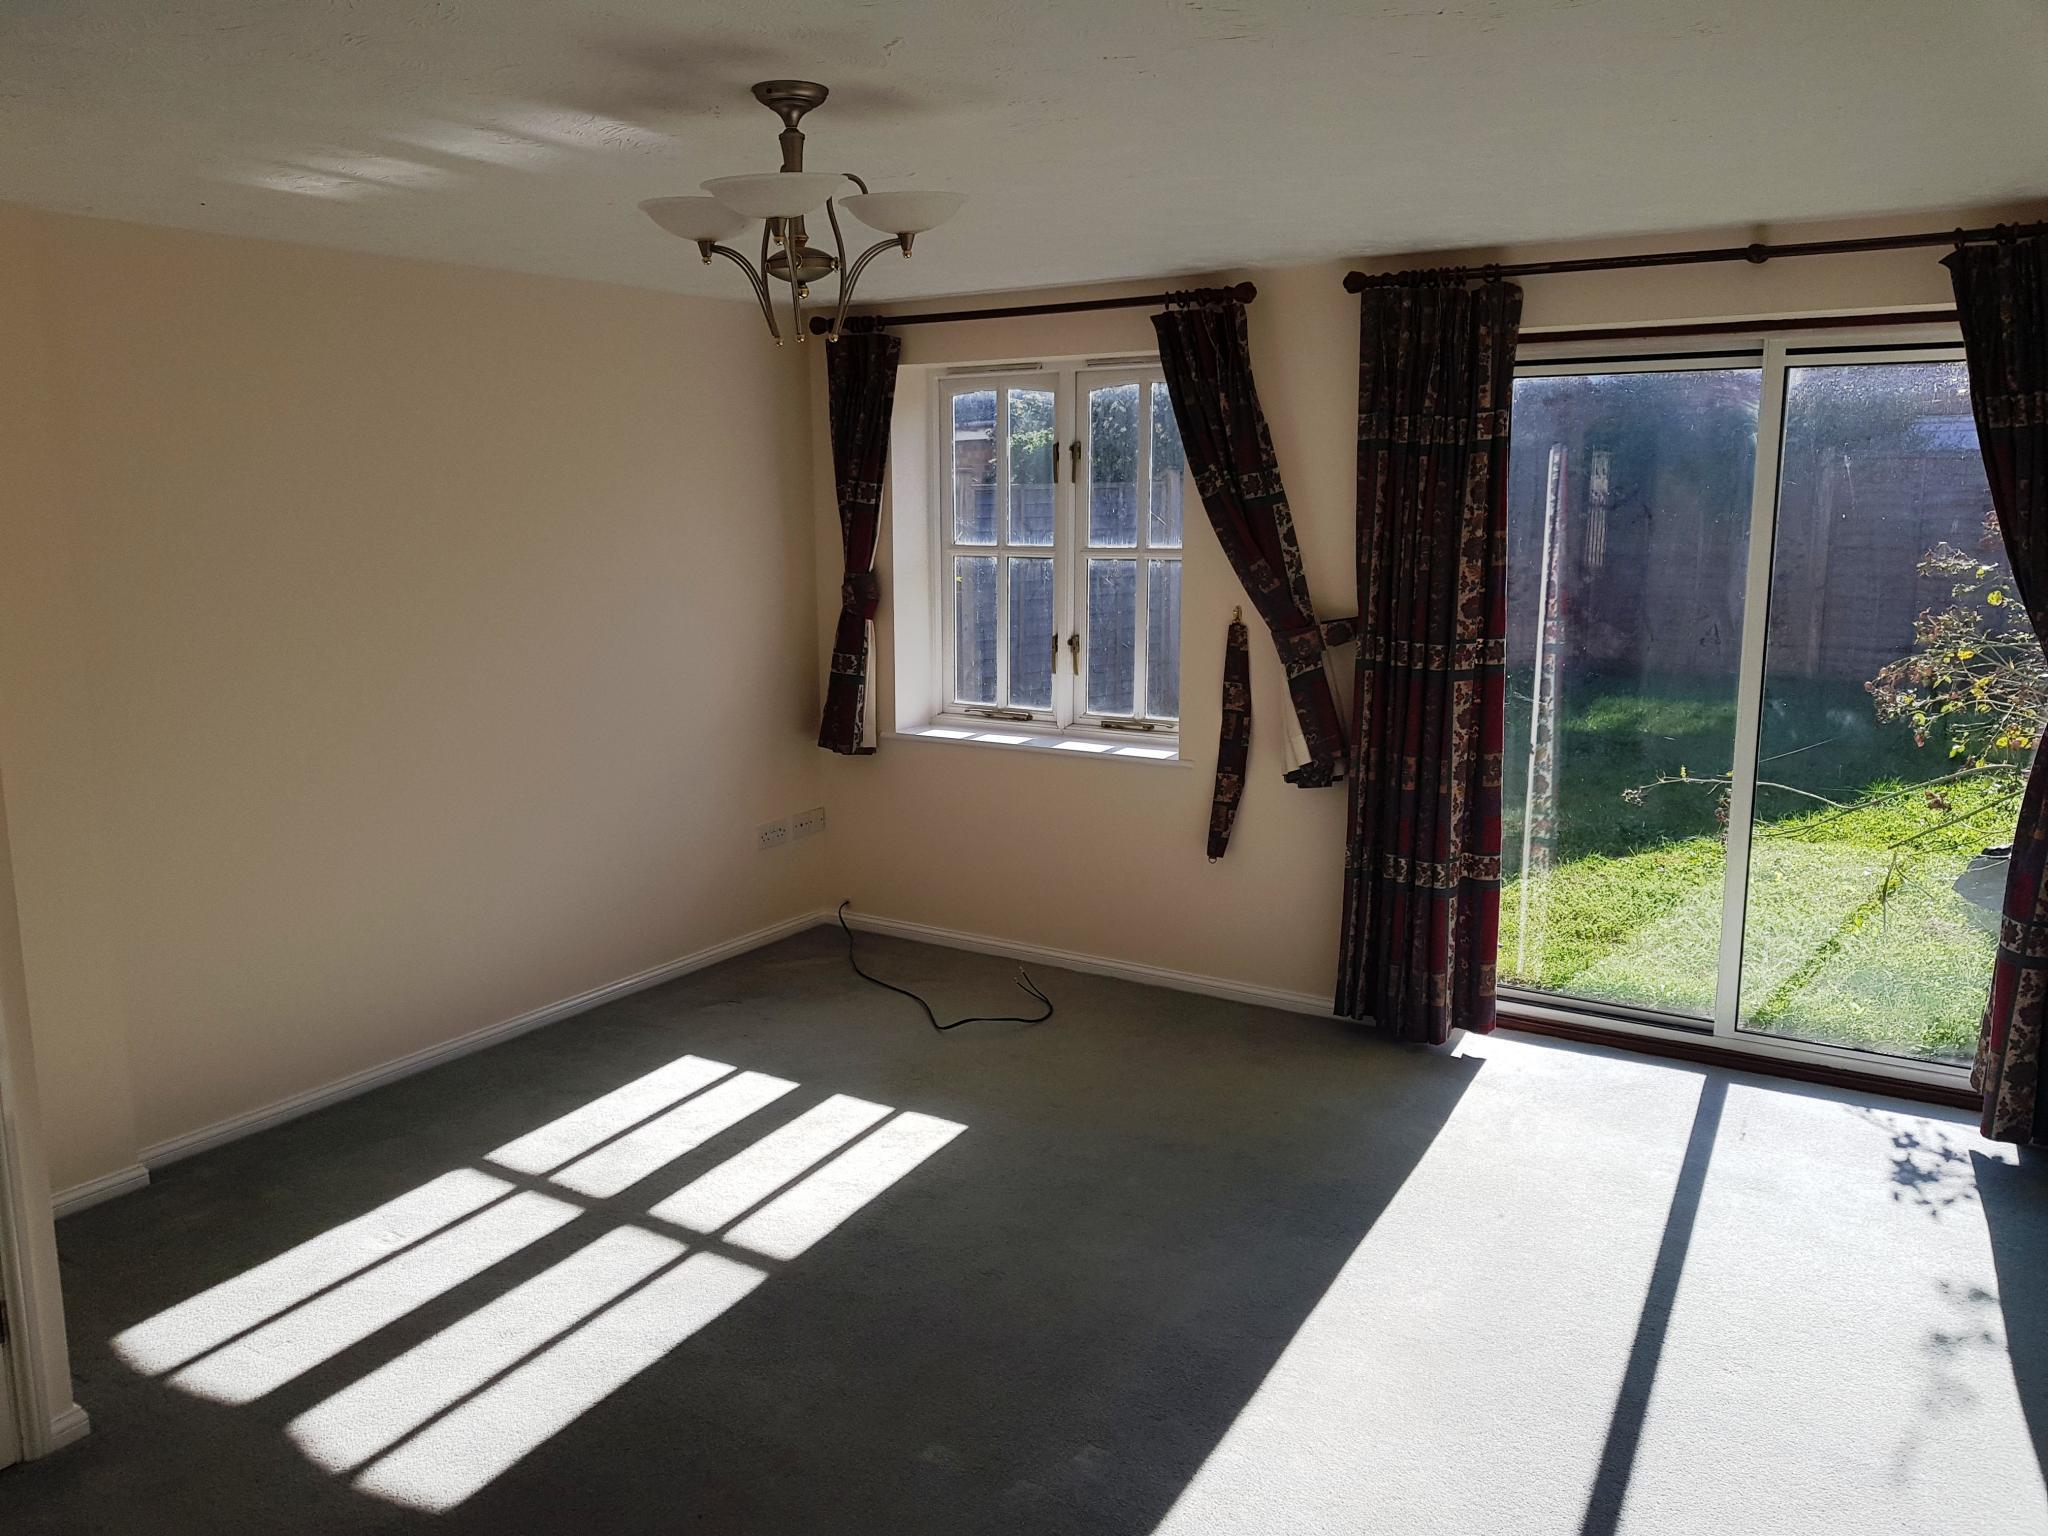 3 bedroom detached house SSTC in Ipswich - 2